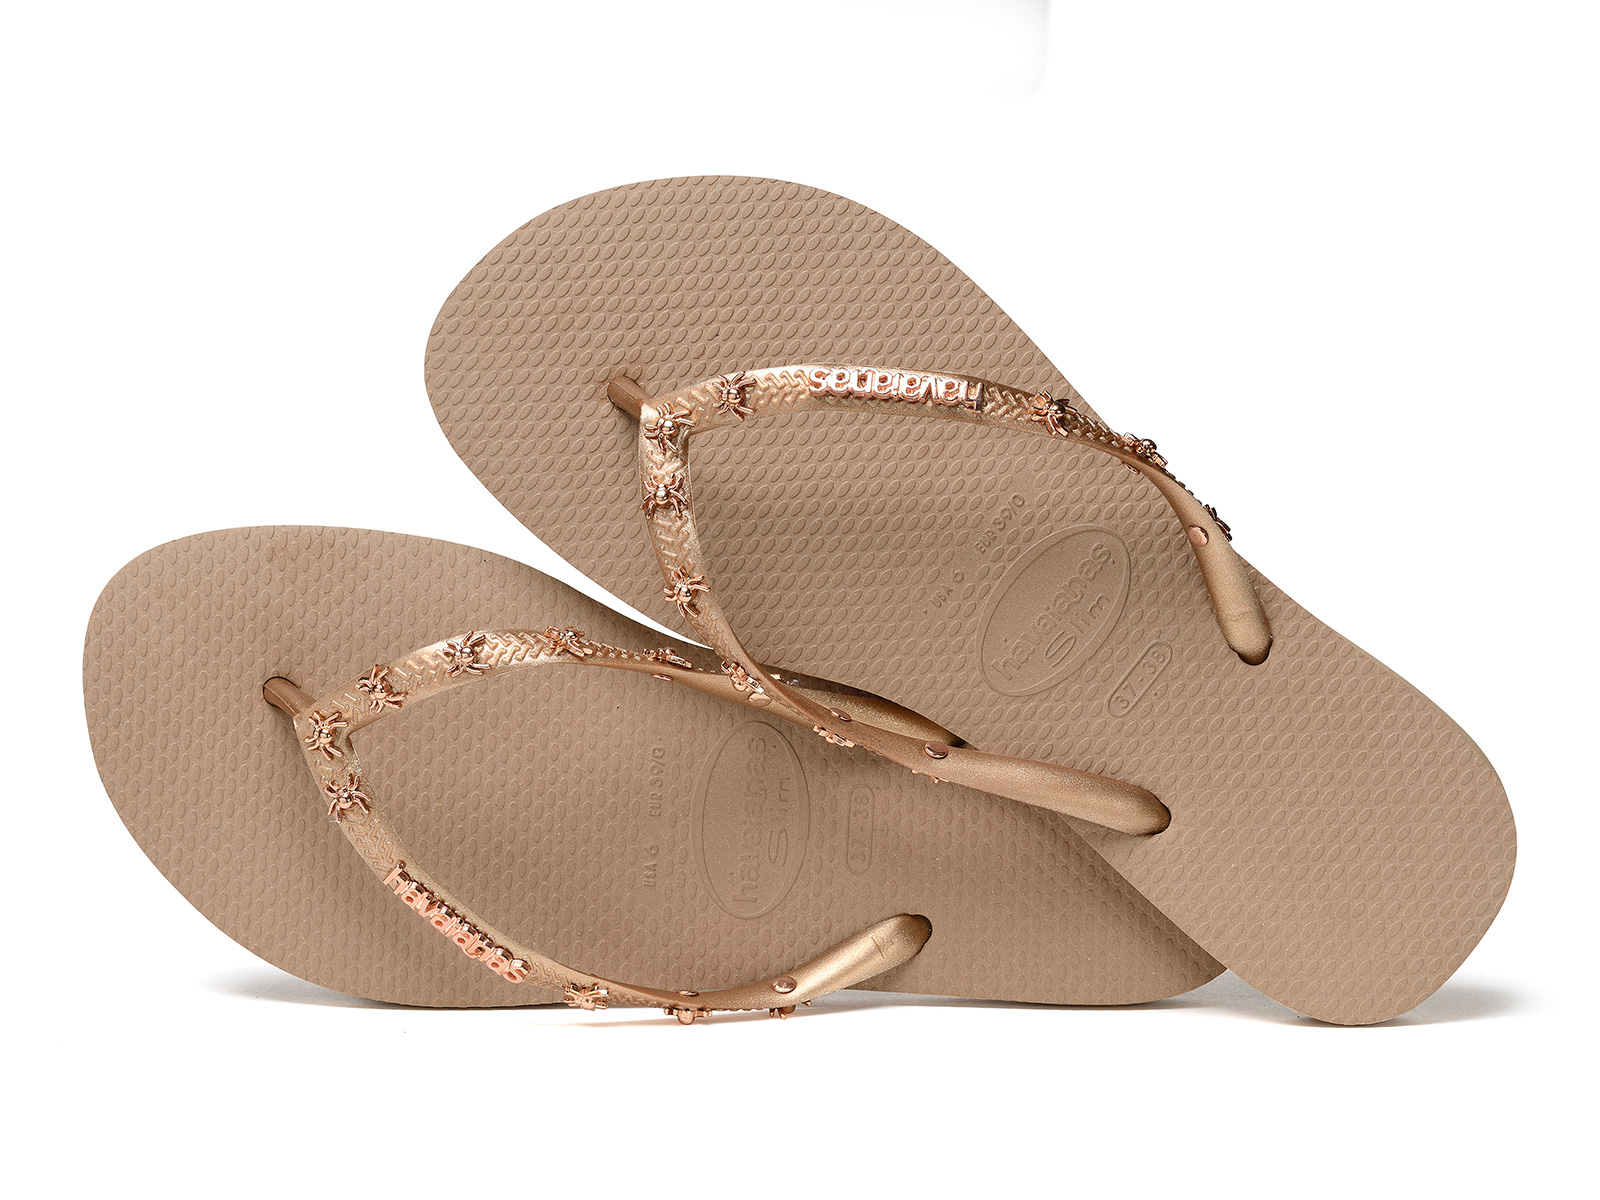 beige flip flops with spider straps - slim hardware rose gold metallic